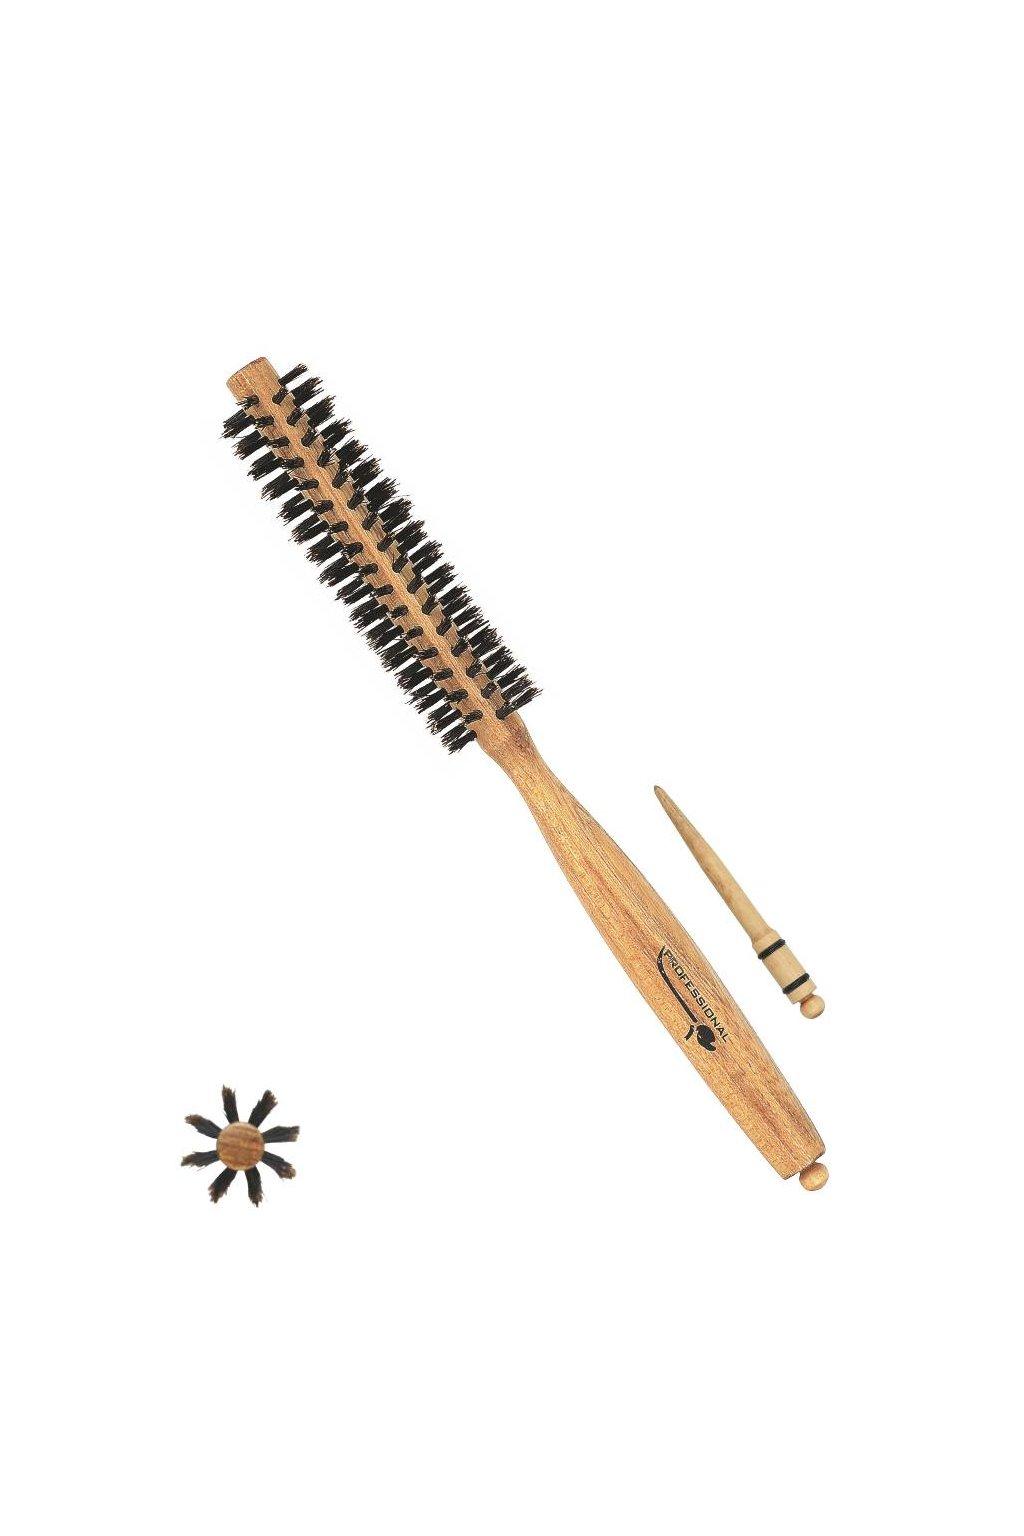 Kartáč Xanitalia jasanové dřevo, 100% kančí štětiny, styling špička, průměr 30mm